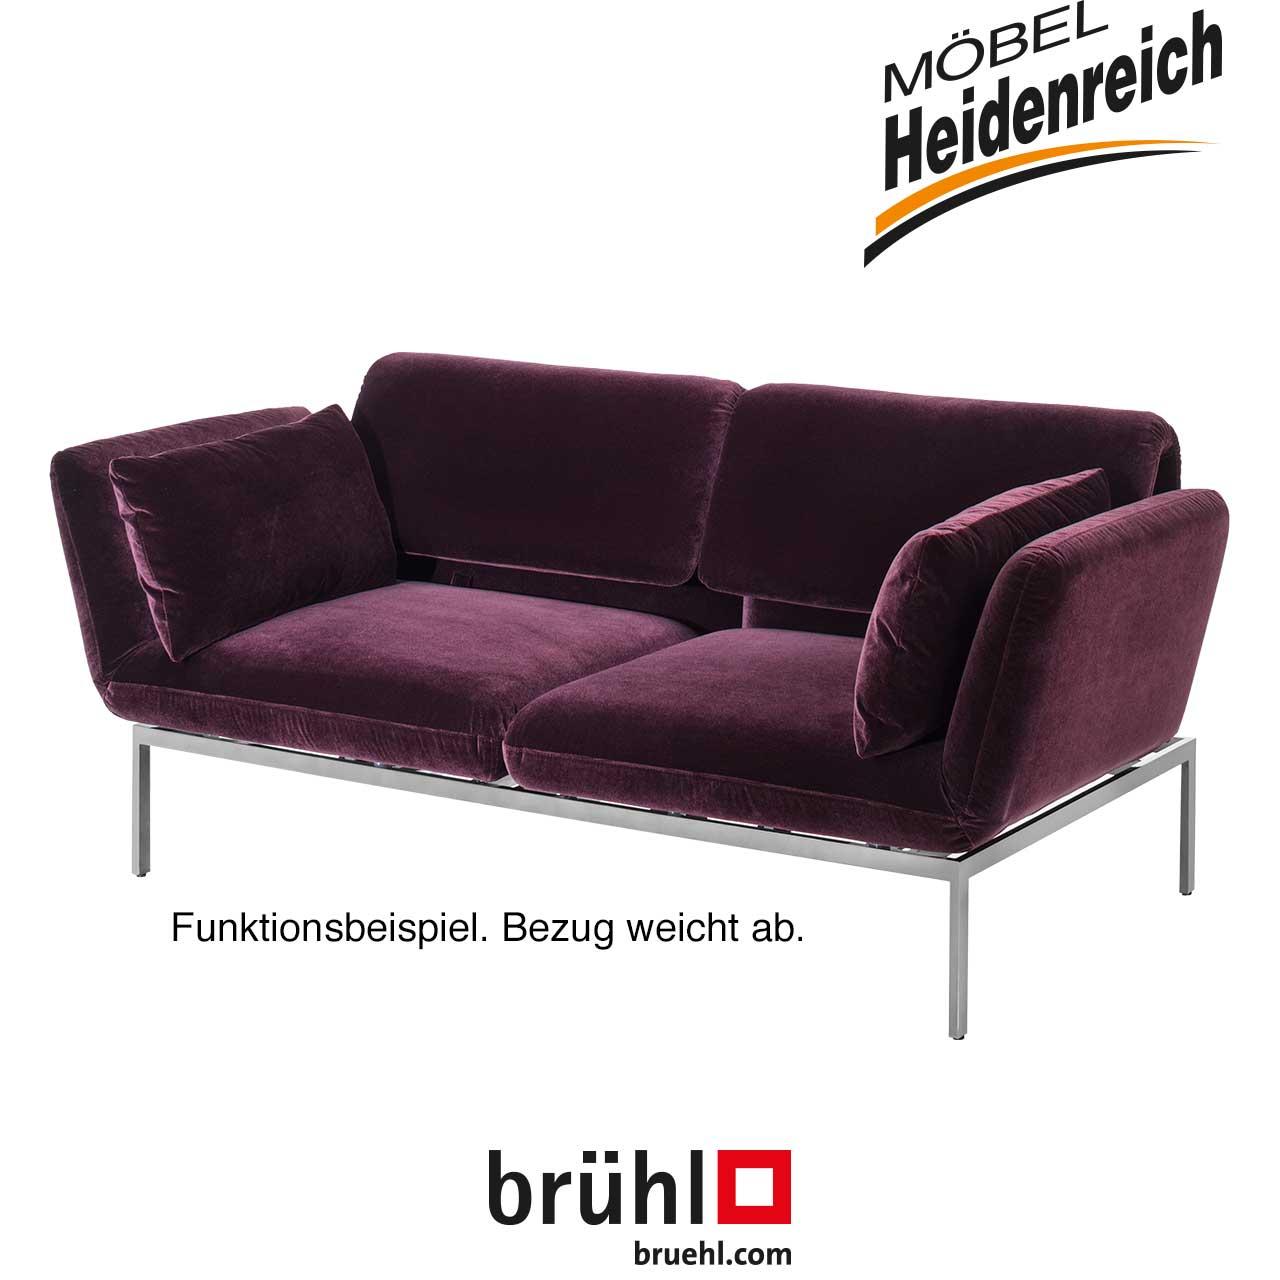 br hl sofa roro m bel heidenreich. Black Bedroom Furniture Sets. Home Design Ideas